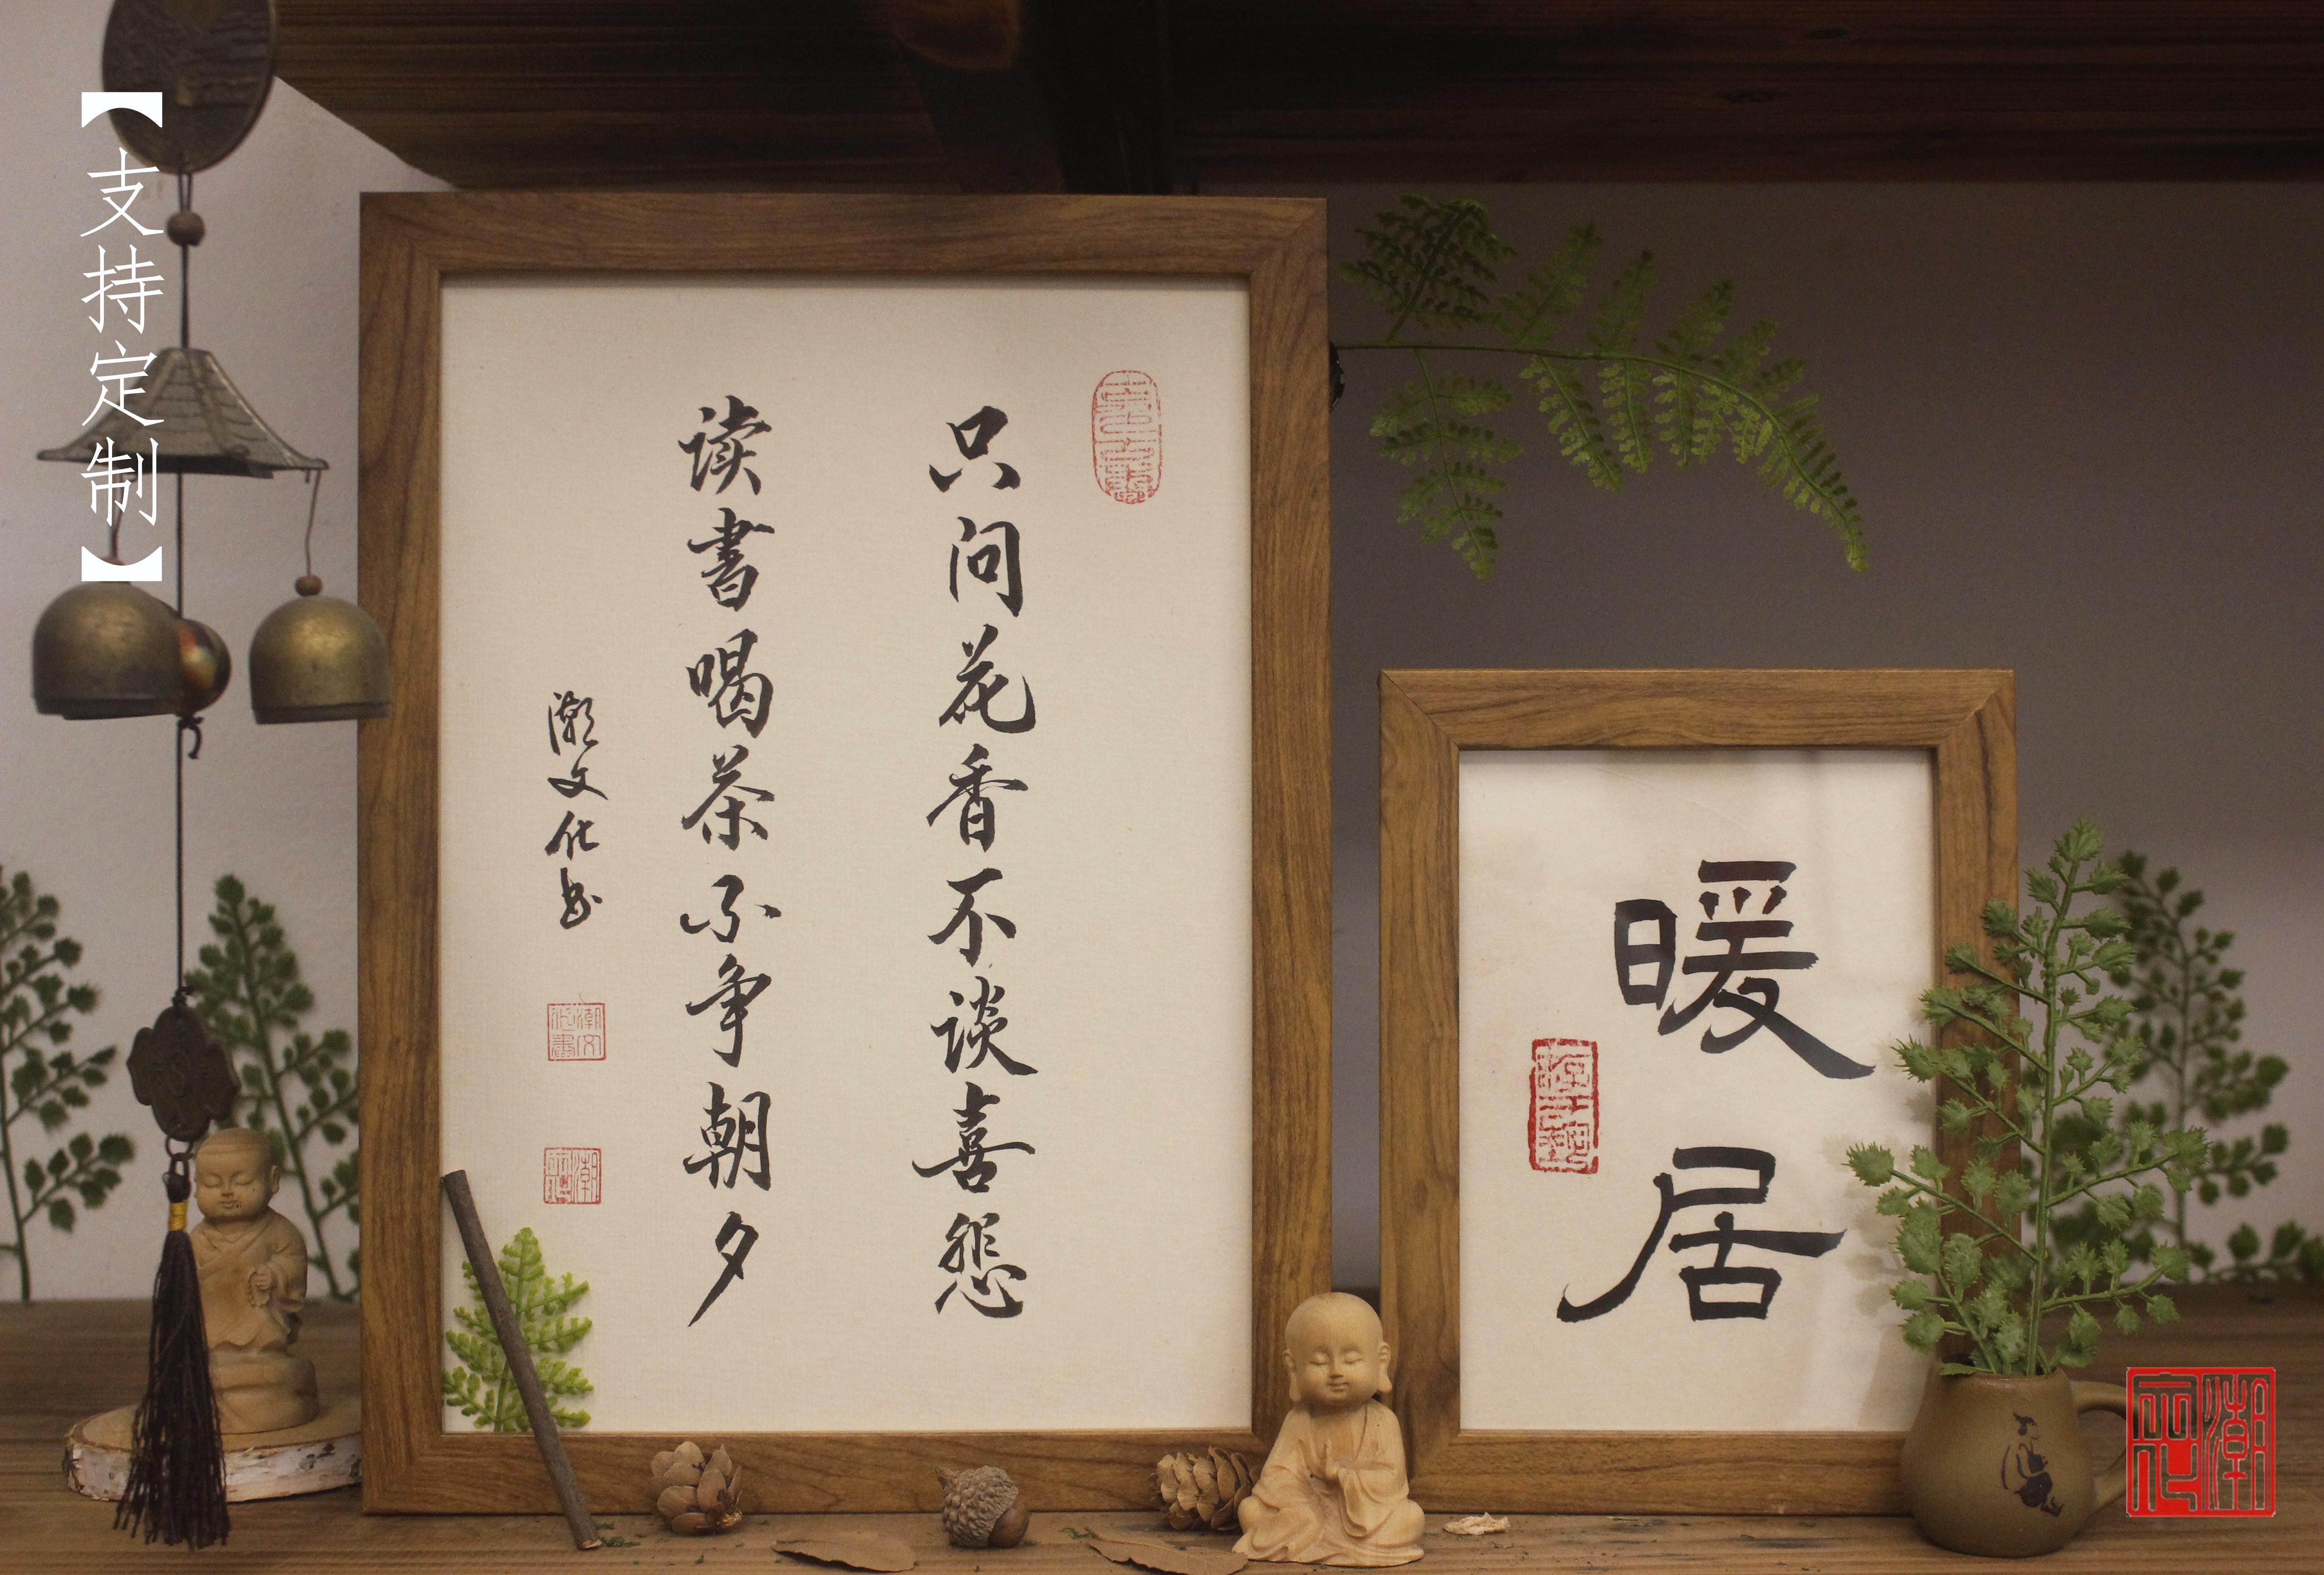 毛筆字掛畫裝飾書法手寫真跡勵志座銘擺臺個性禮物辦公桌面實木框